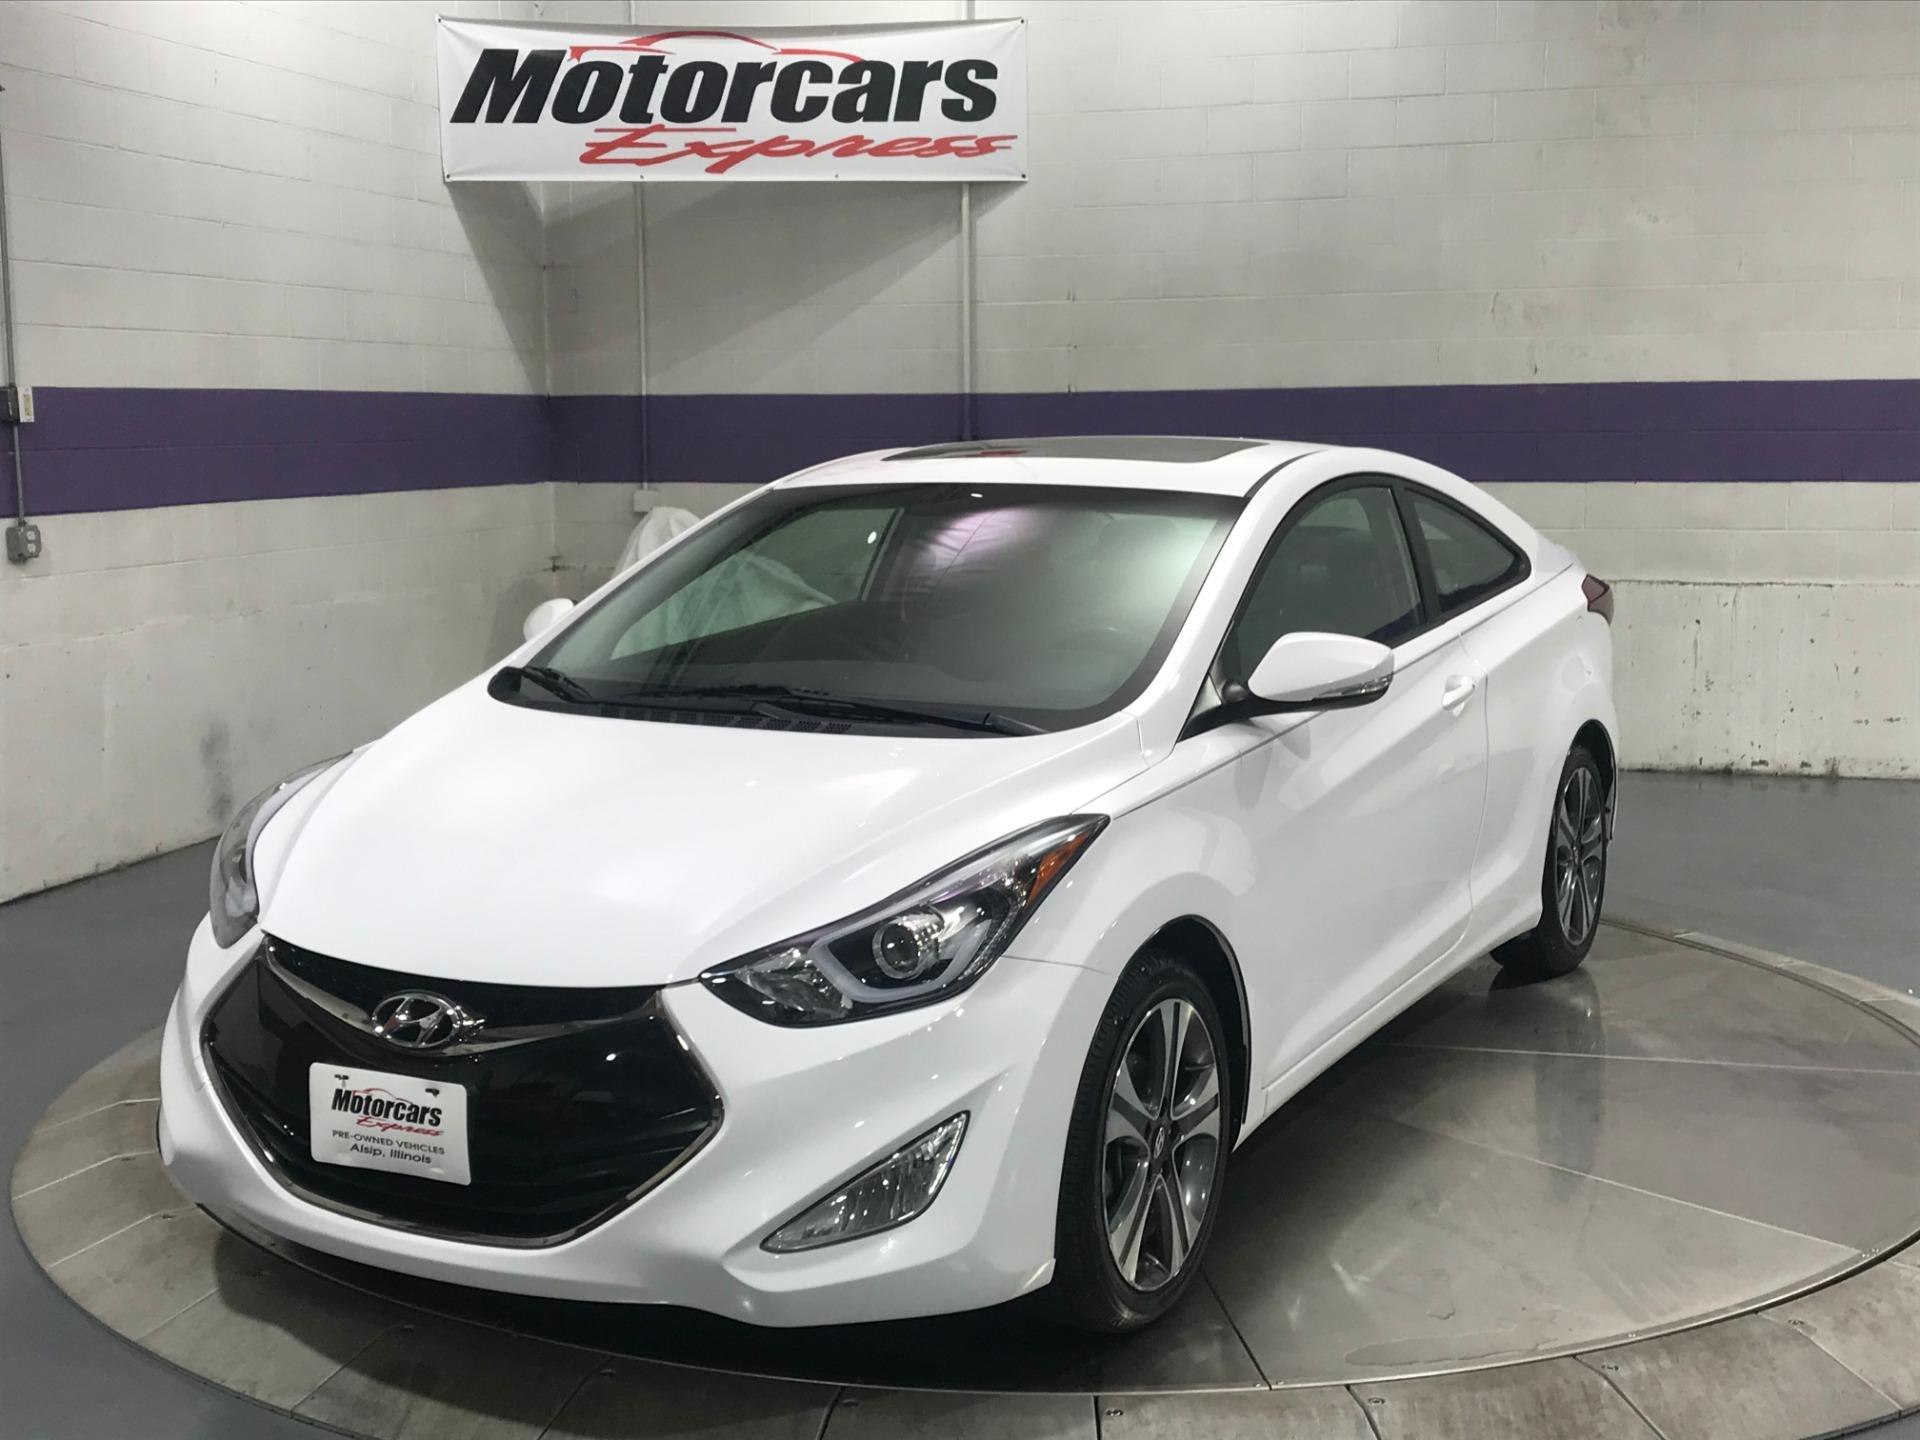 Used-2014-Hyundai-Elantra-Coupe